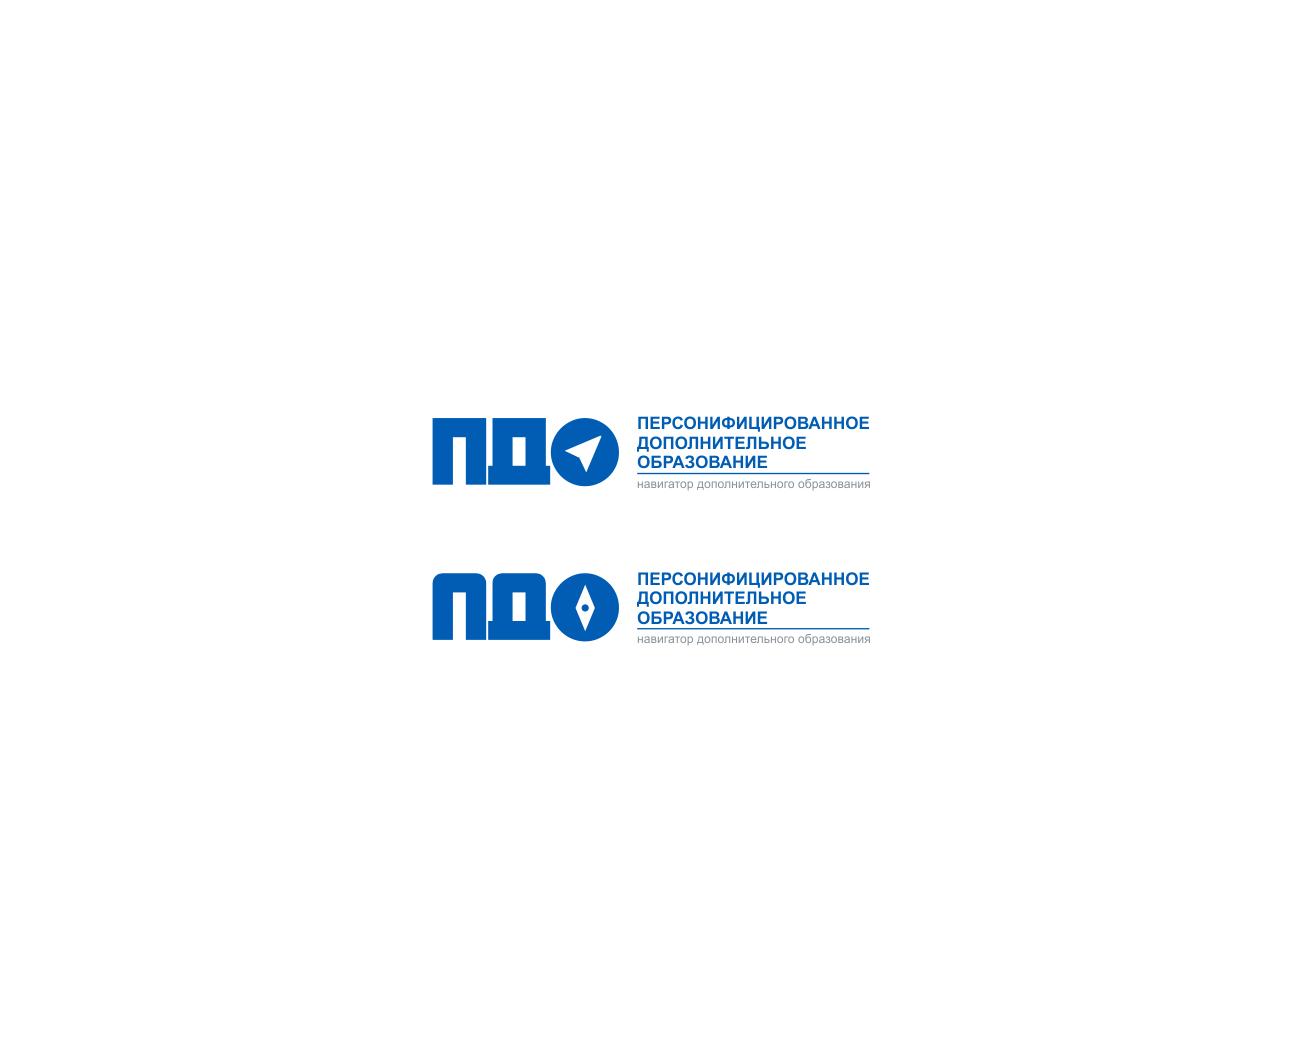 Логотип для интернет-портала фото f_5355a44b0063a3c3.png